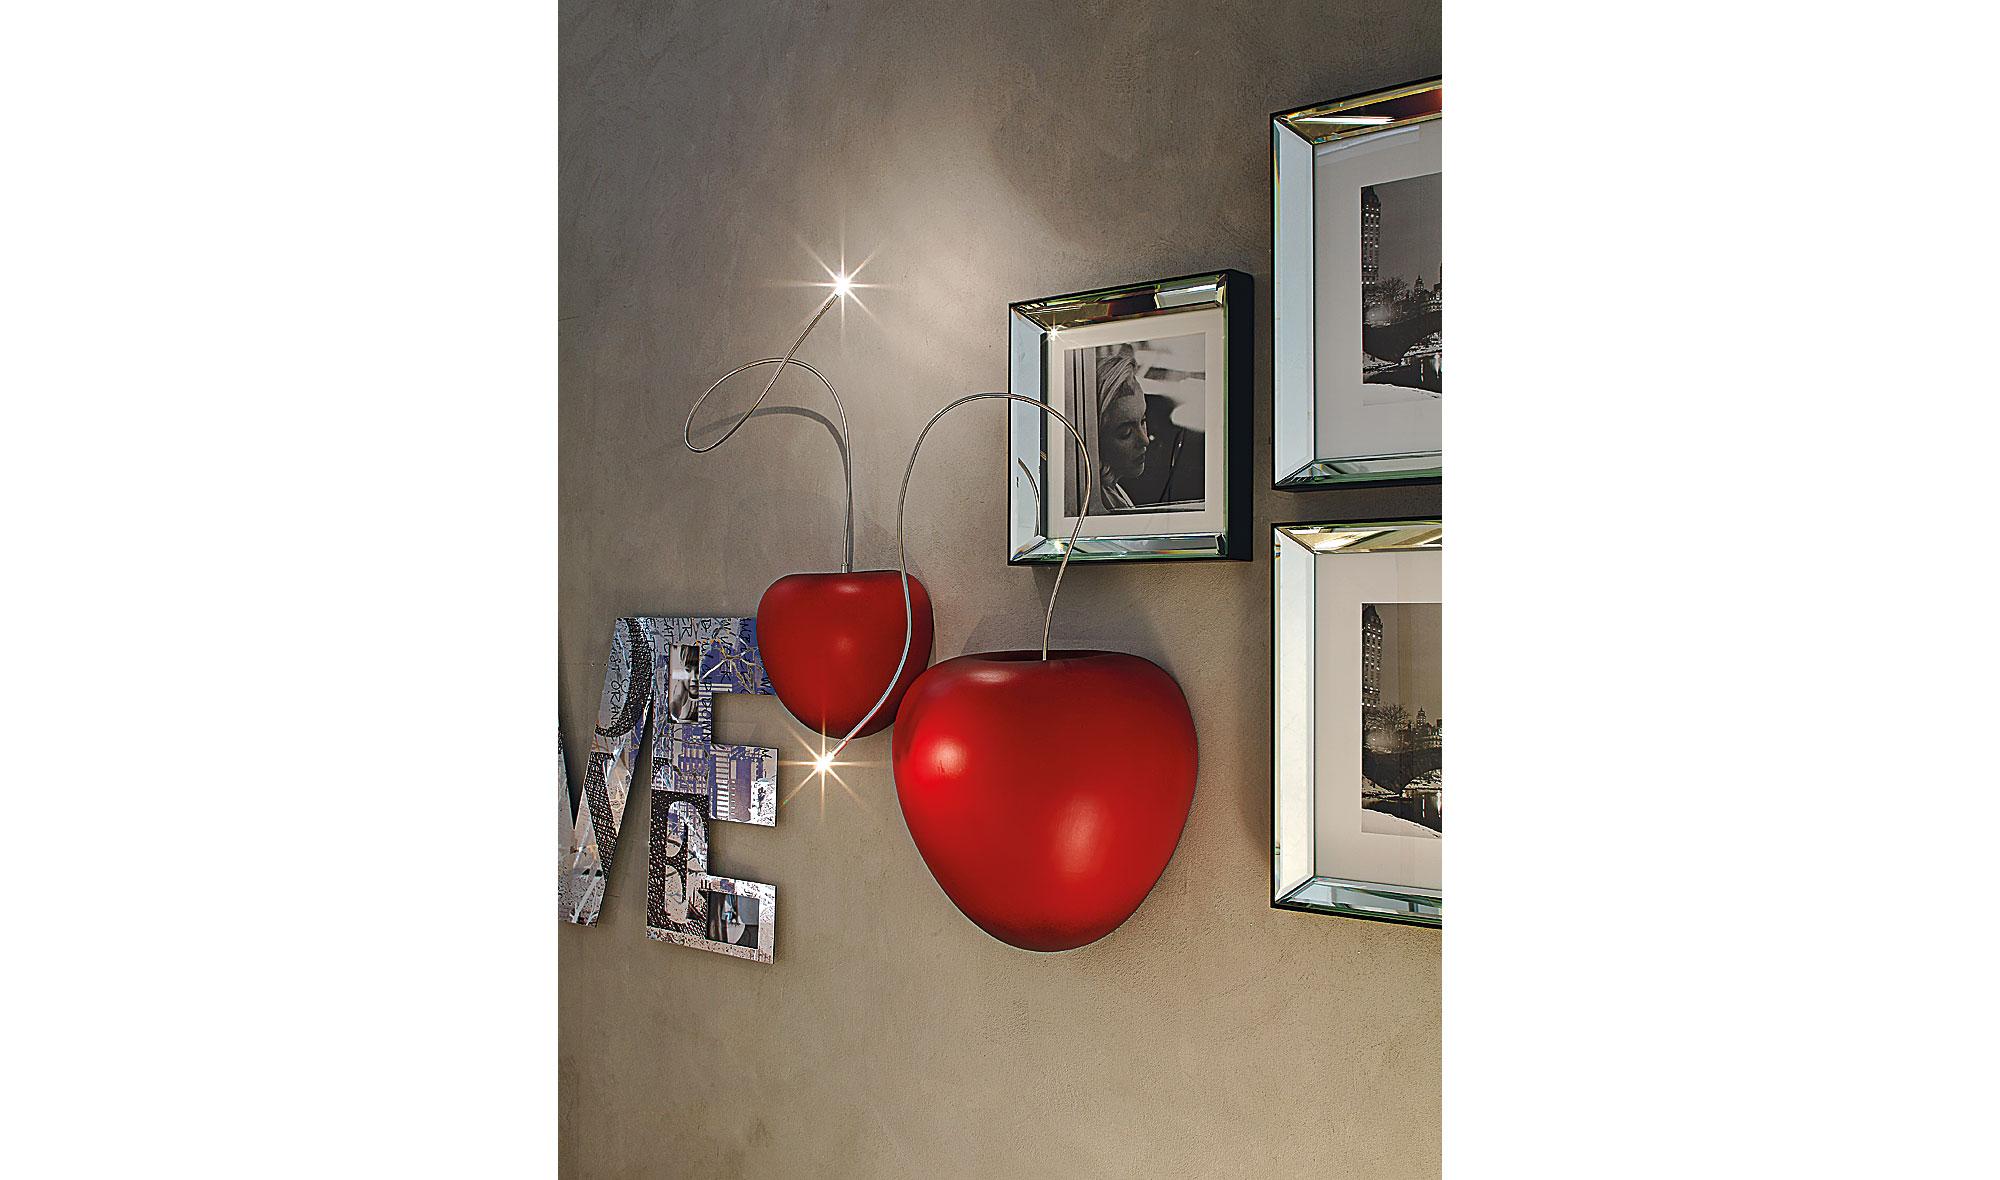 Muebles Martin Peñasco:  Aplique de pared Cherry  - Apliques y Plafones - Iluminación